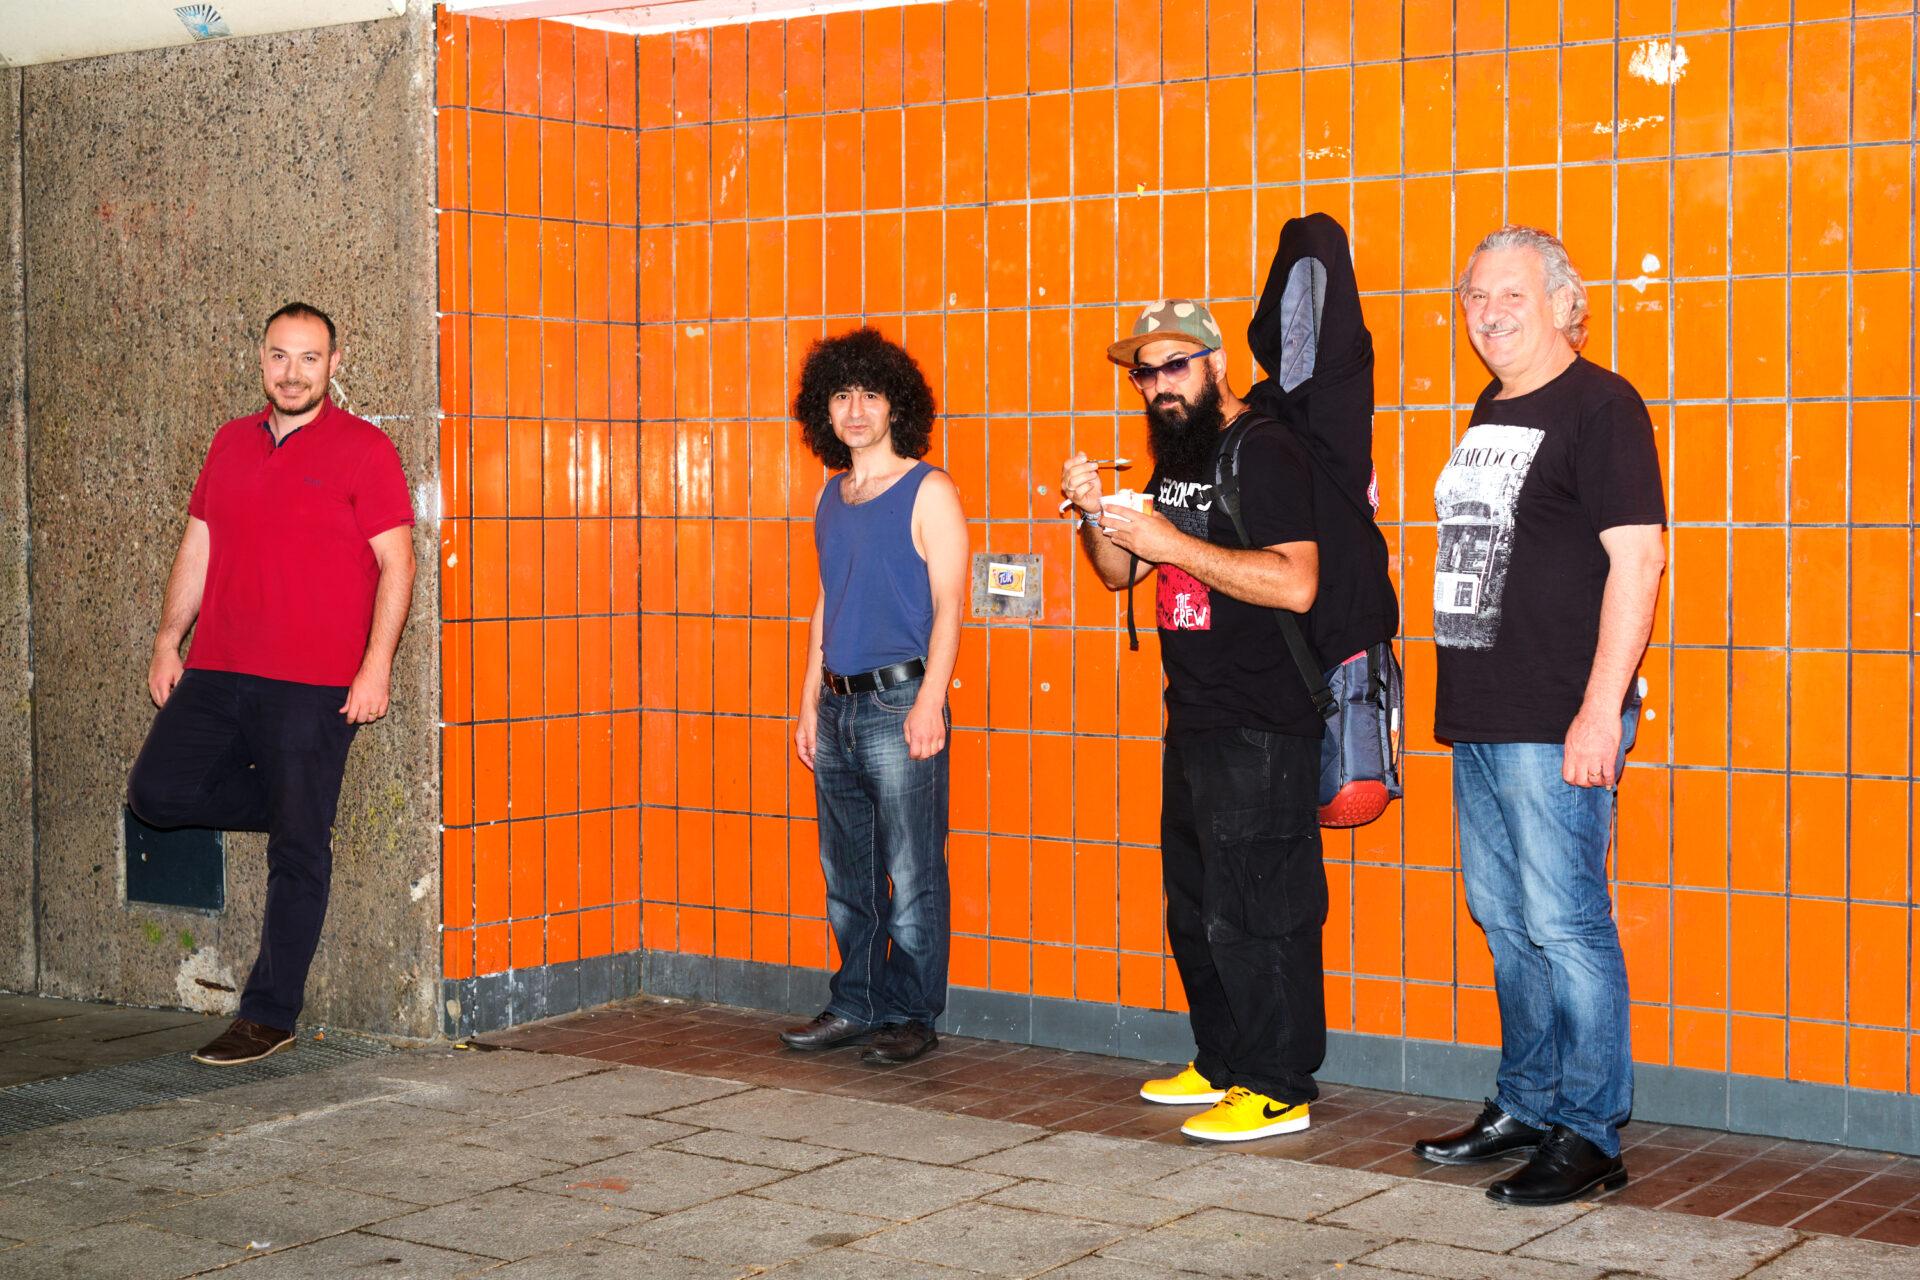 Vier Männer vor einer orange gefliesten Wand